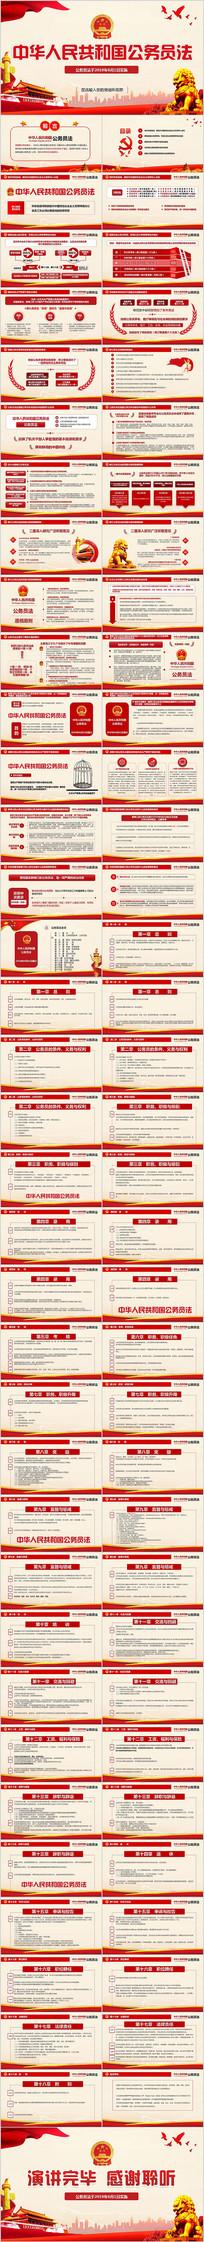 中华人民共和国新公务员法党政PPT模板